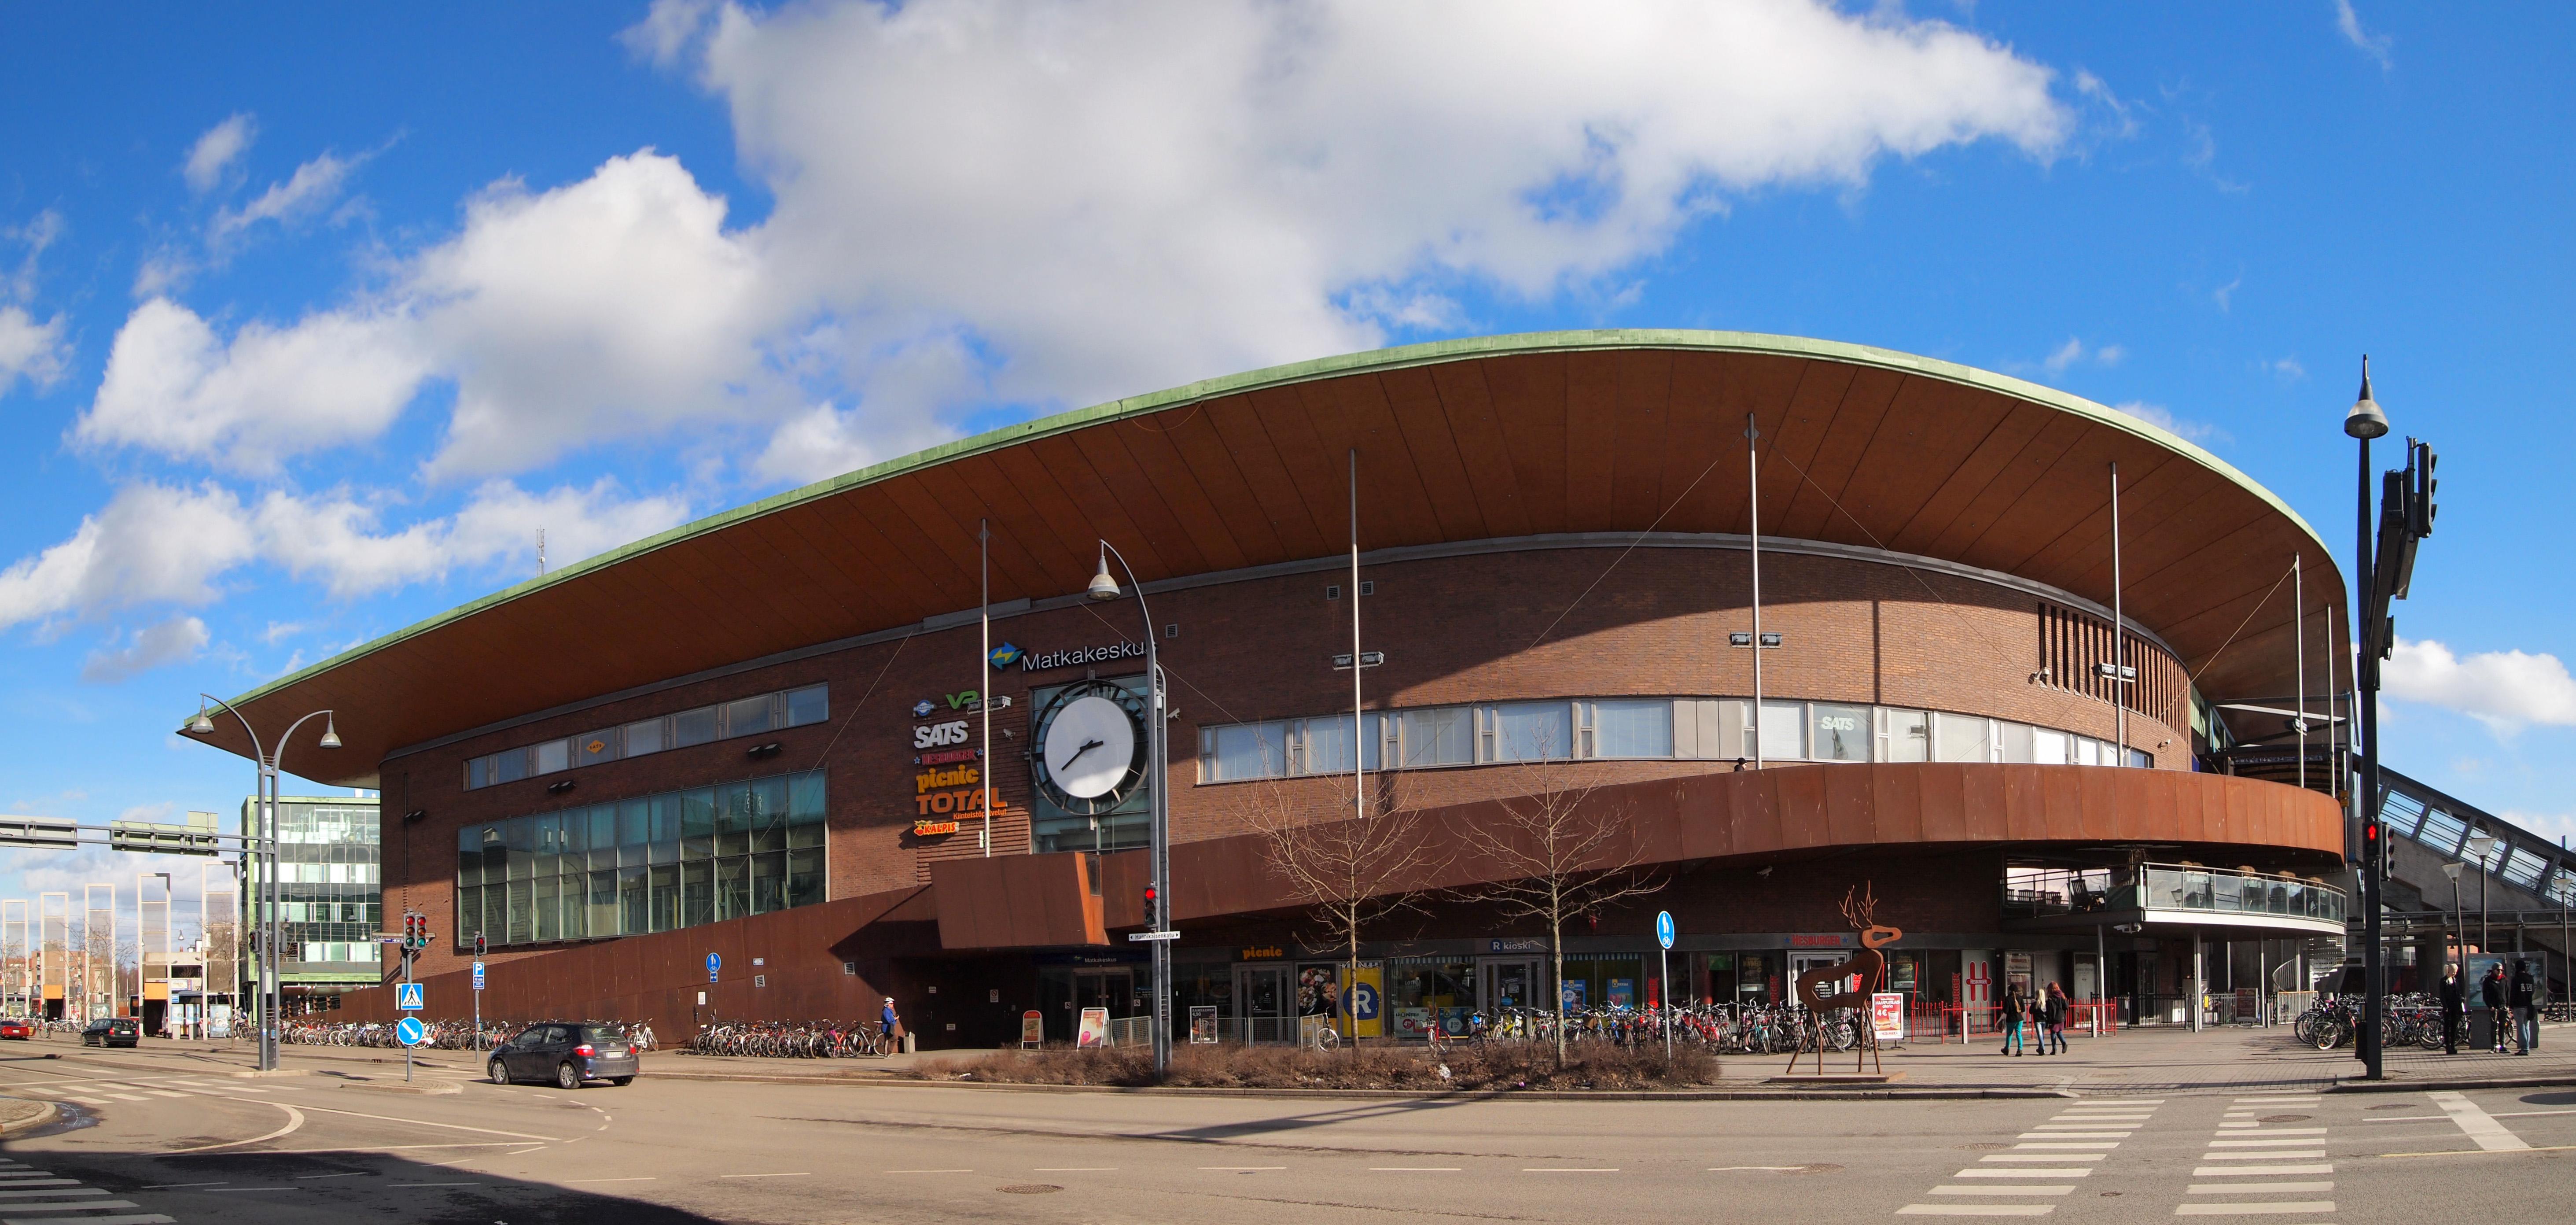 jyväskylä matkakeskus Lapua